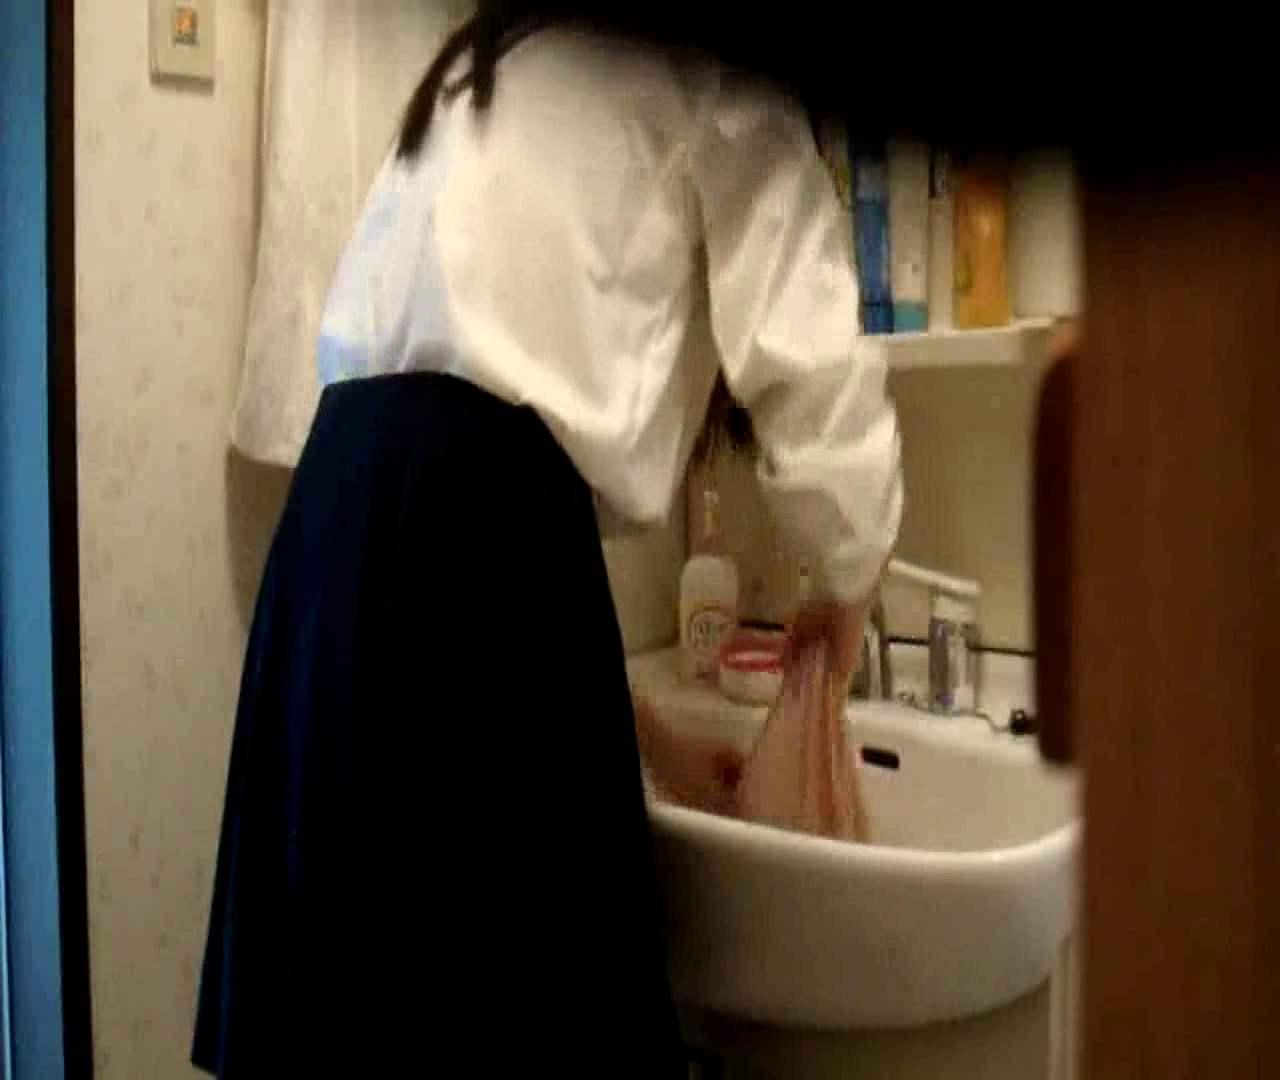 二人とも育てた甲斐がありました… vol.05 まどかが洗顔後にブラを洗濯 盗撮特集   おまんこ  86画像 10